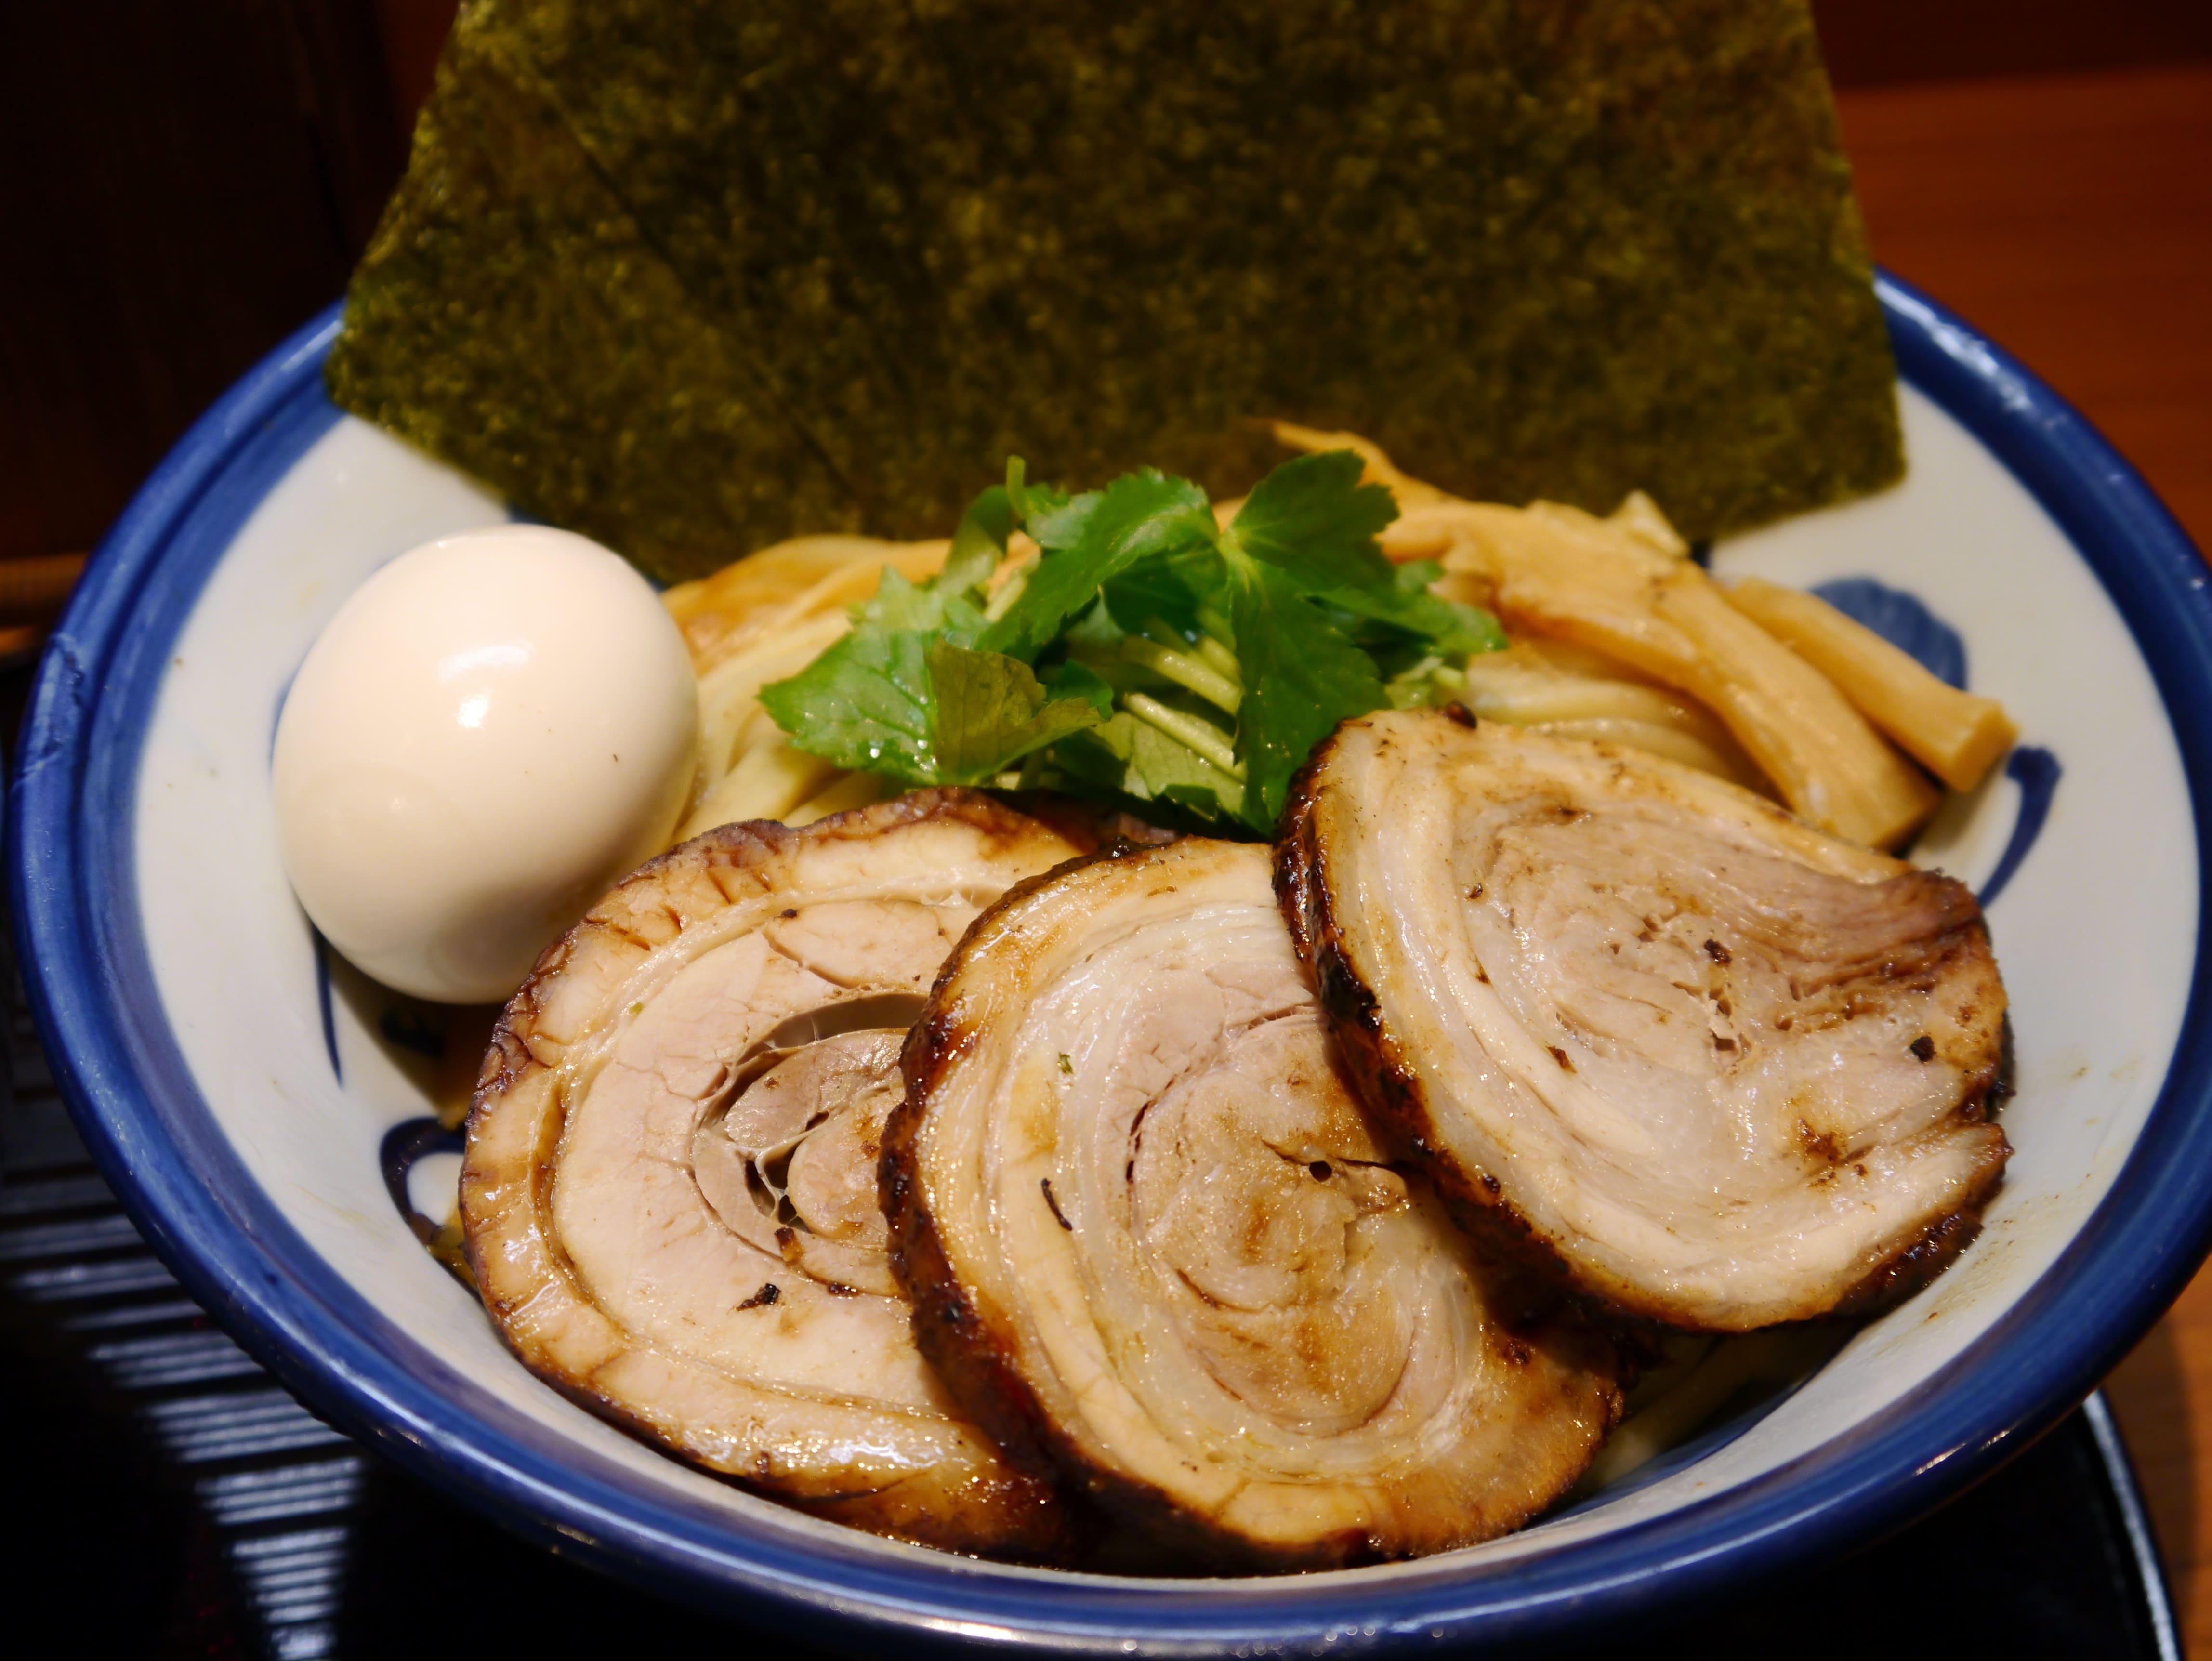 有名店の流れをくむ、木場のつけ麺&ラーメン屋 ~木場 つけ麺 よし田